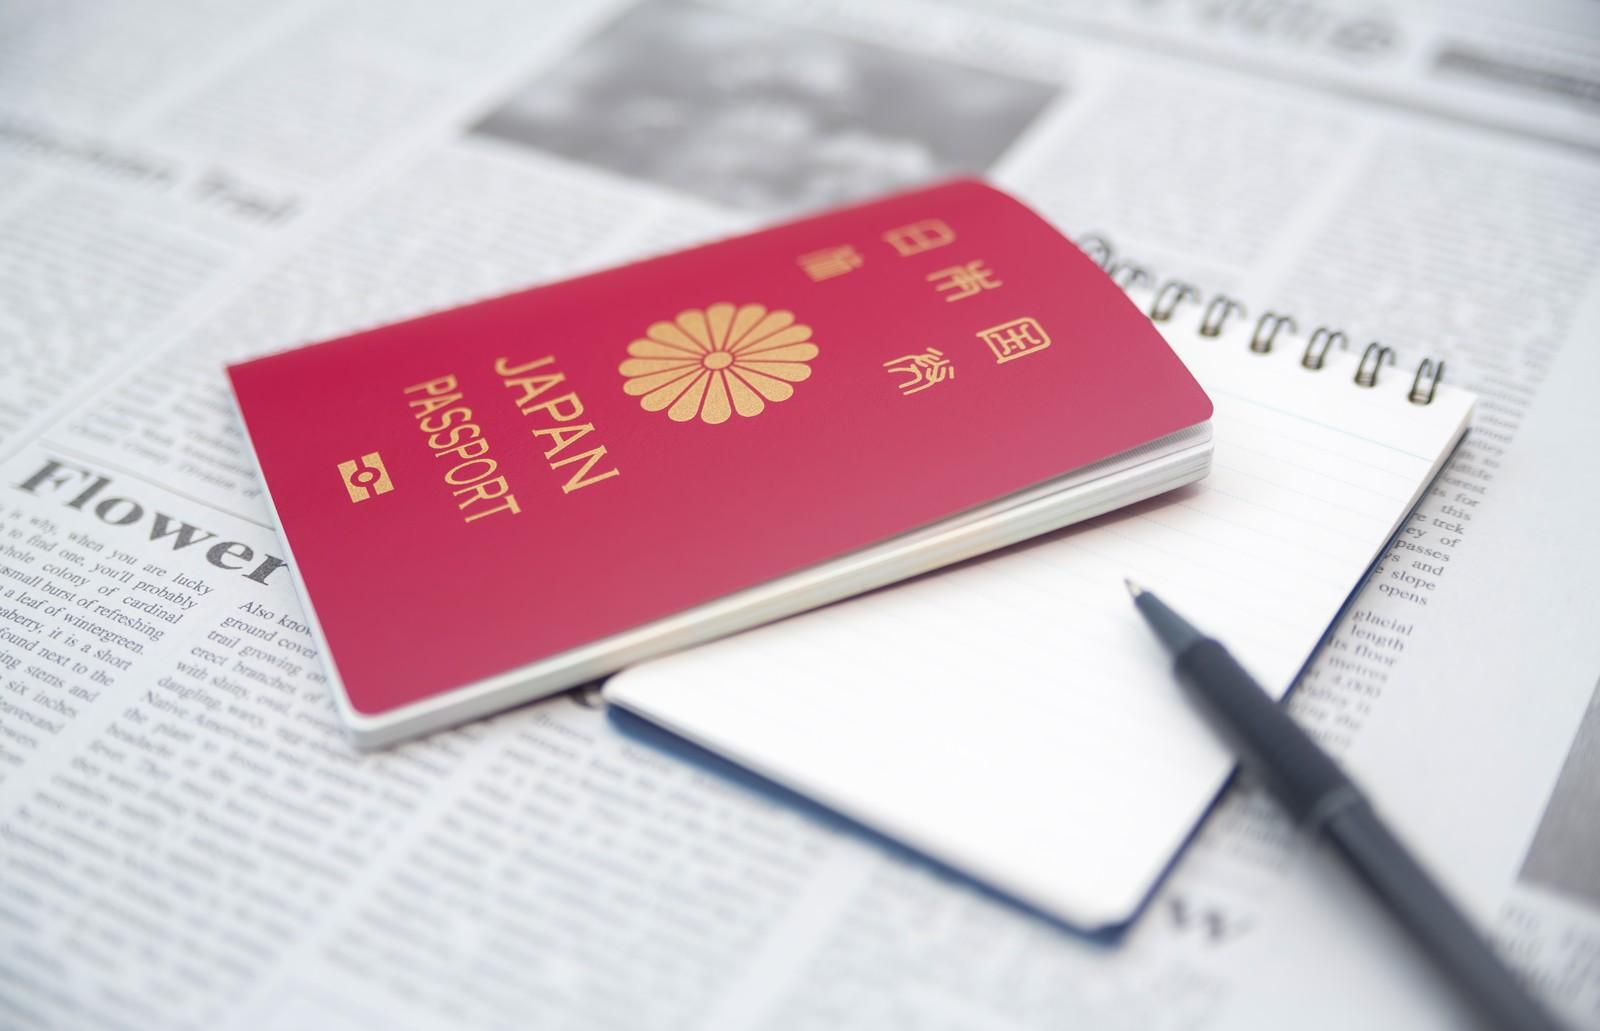 Passport and memo